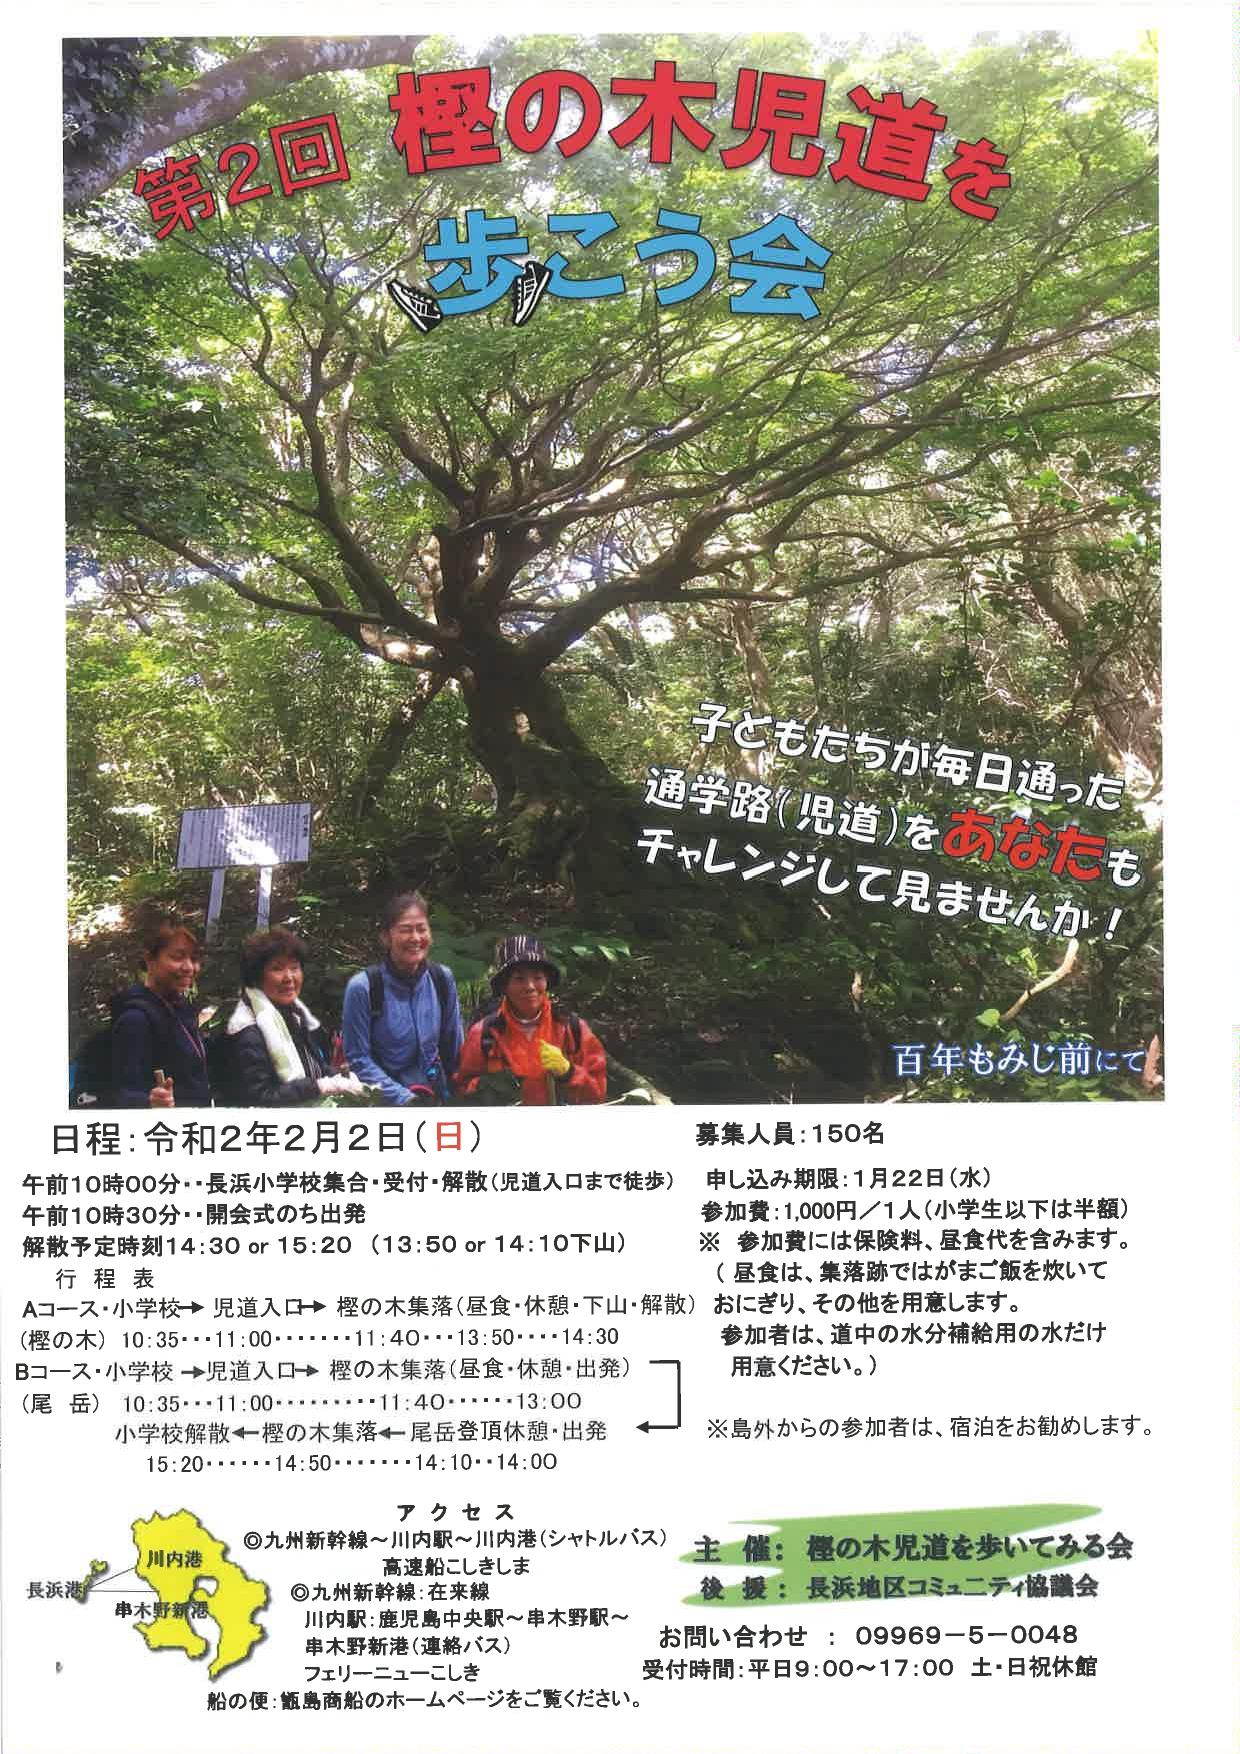 第2回樫の木児道を歩こう会